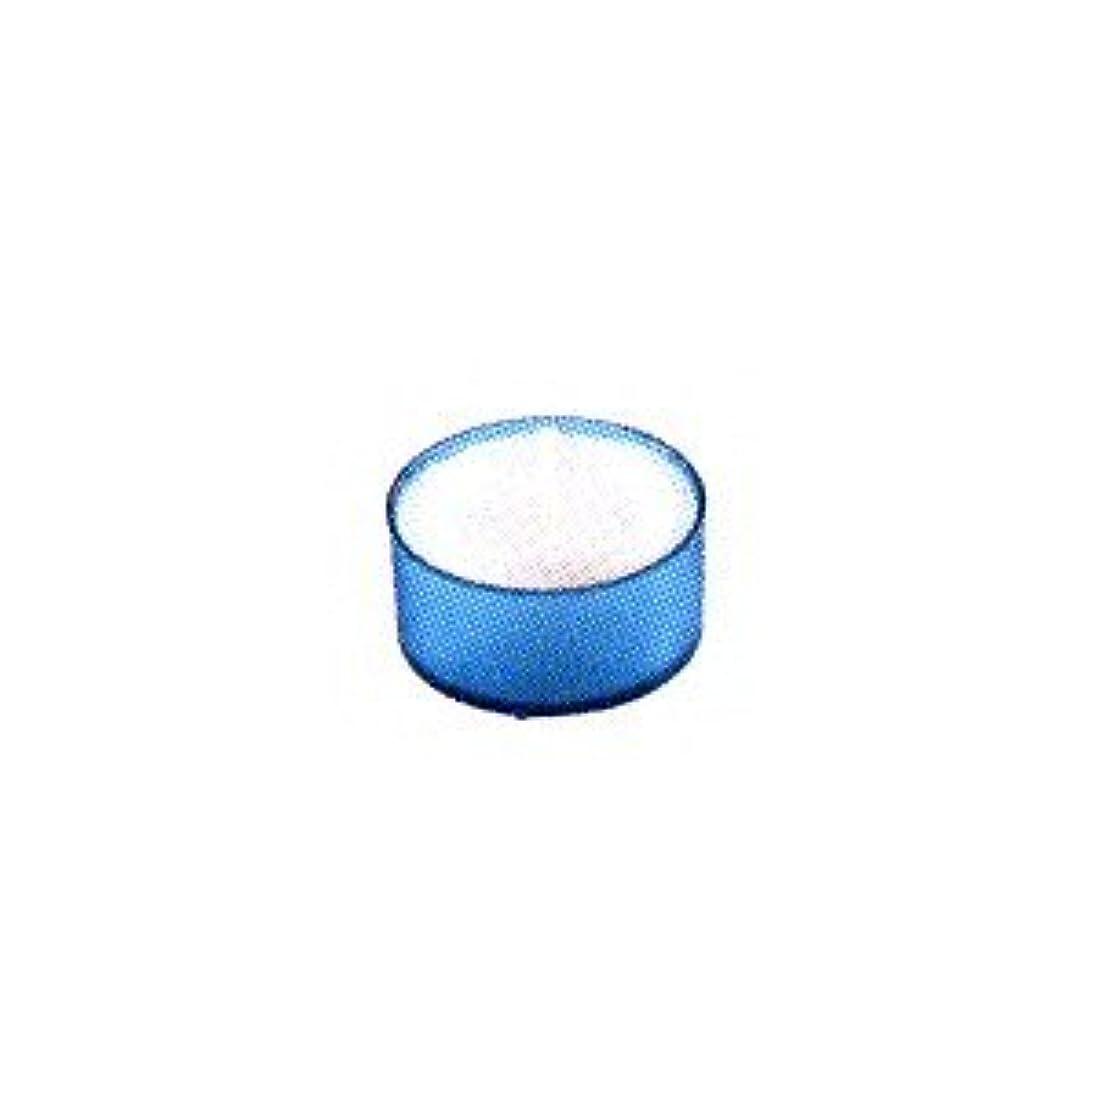 毎年シリング原油カメヤマキャンドル カラークリアカップ ティーライト ブルー 24個入